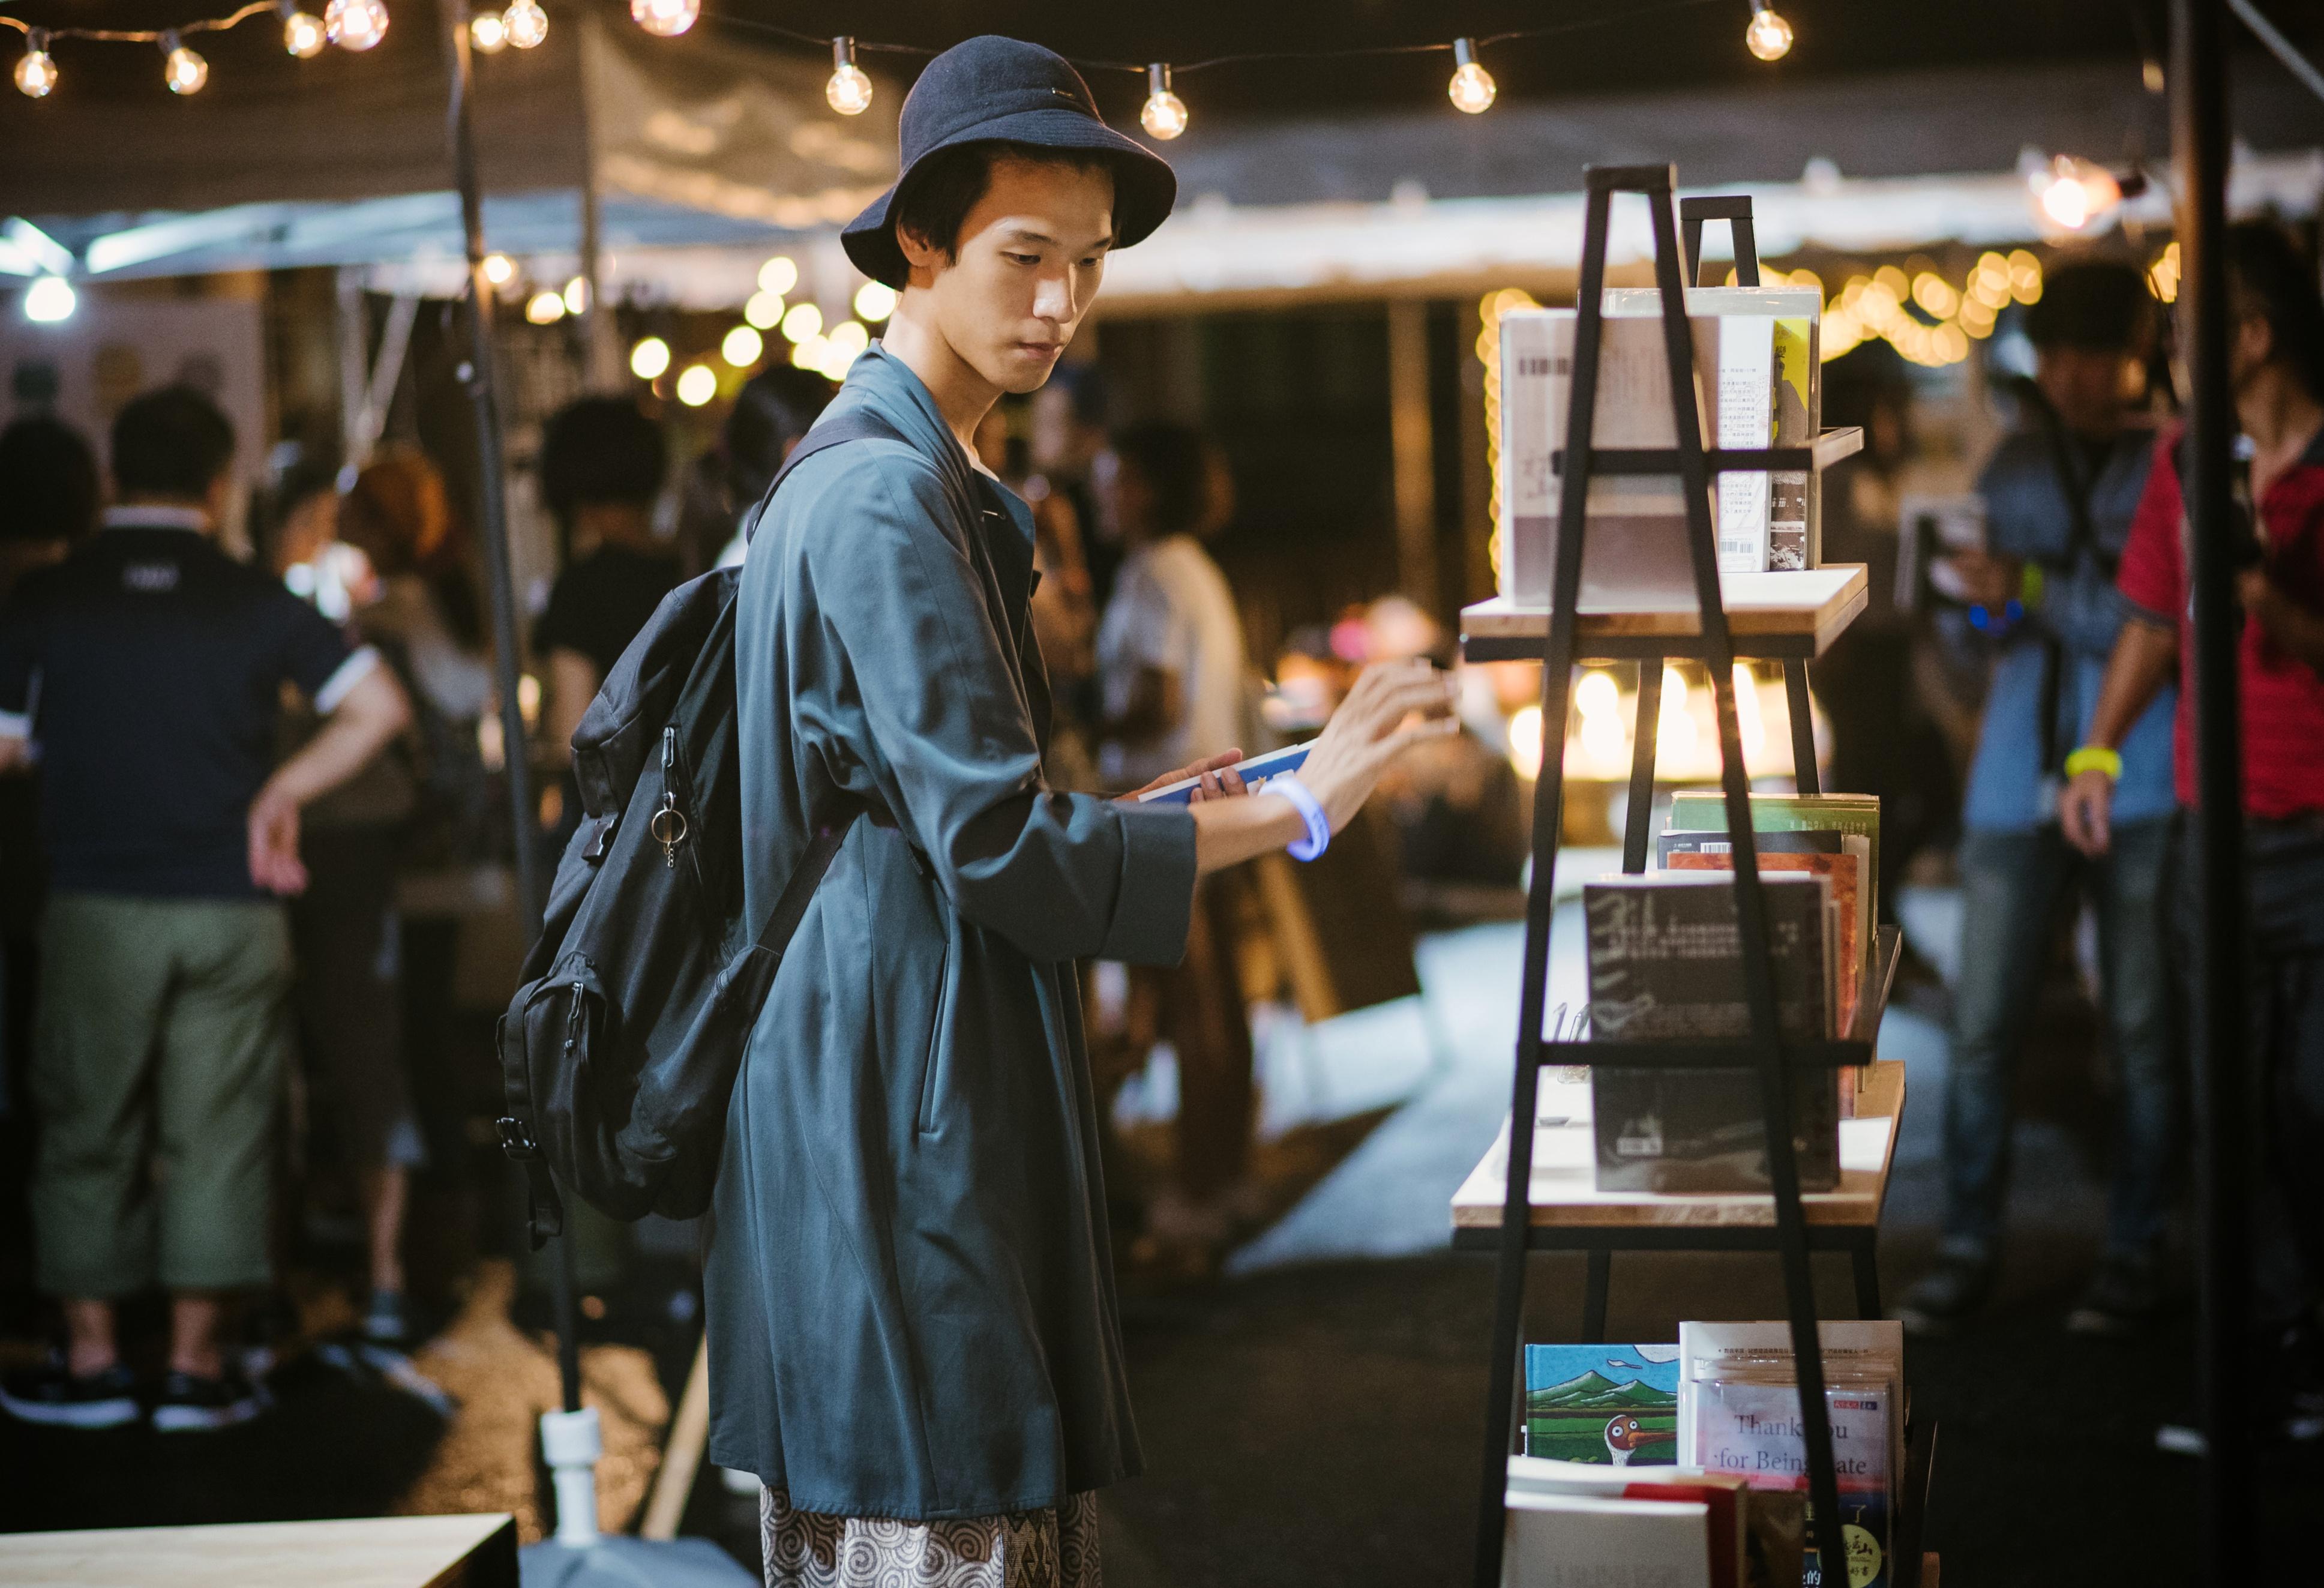 活動現場提供書店及說書人聯合推薦的書及供翻閱。